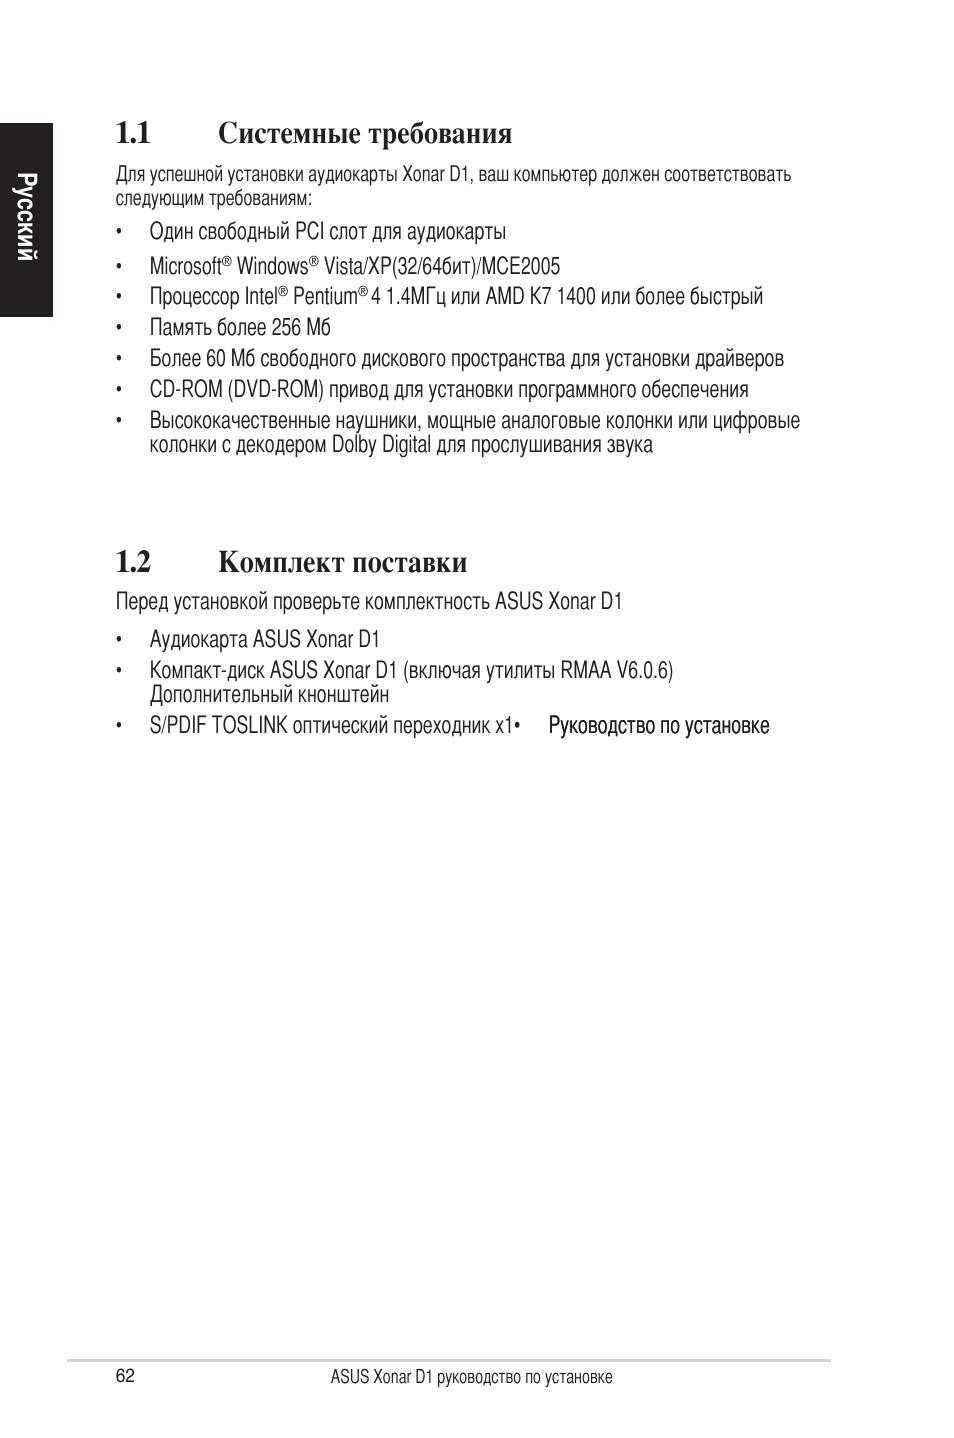 Asus xonar d1/a инструкция, характеристики, форум.